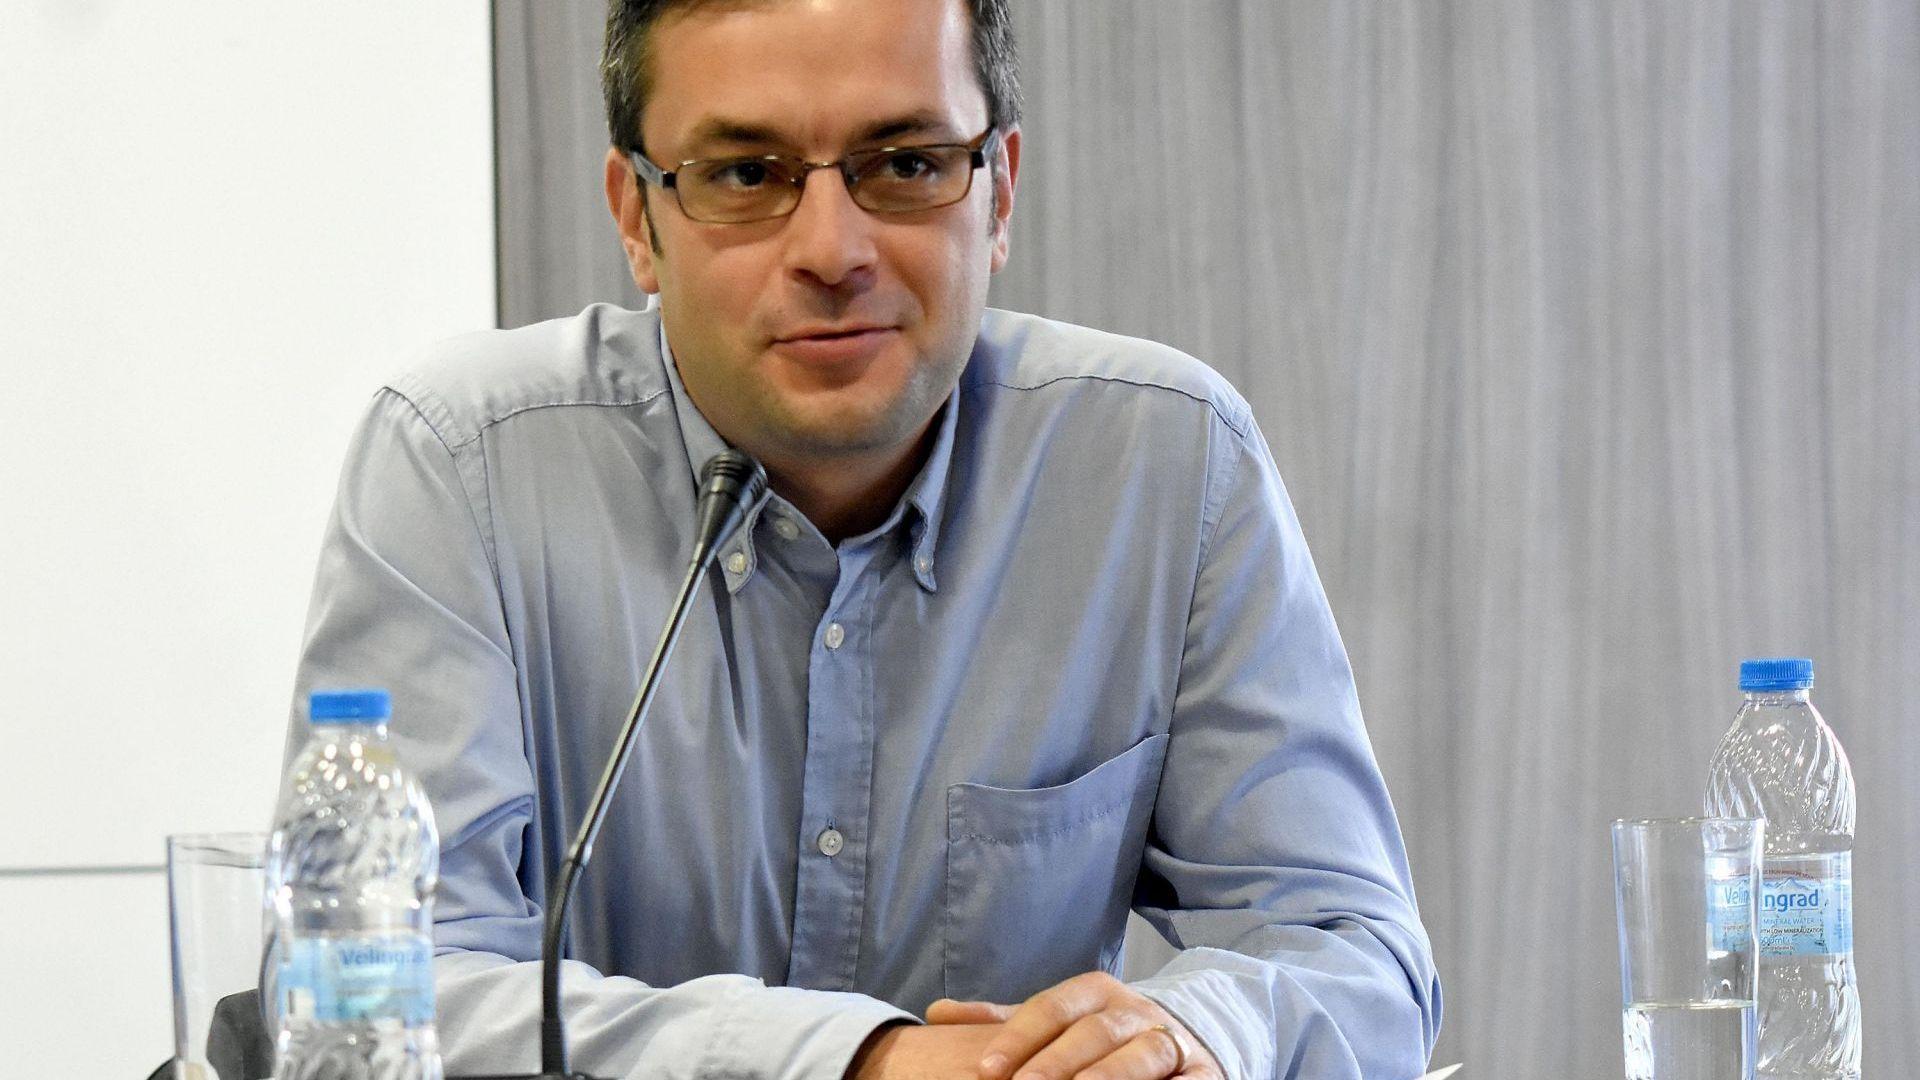 ГЕРБ внесе жалба в ЦИК за участие на Румен Радев в предизборната кампания на БСП